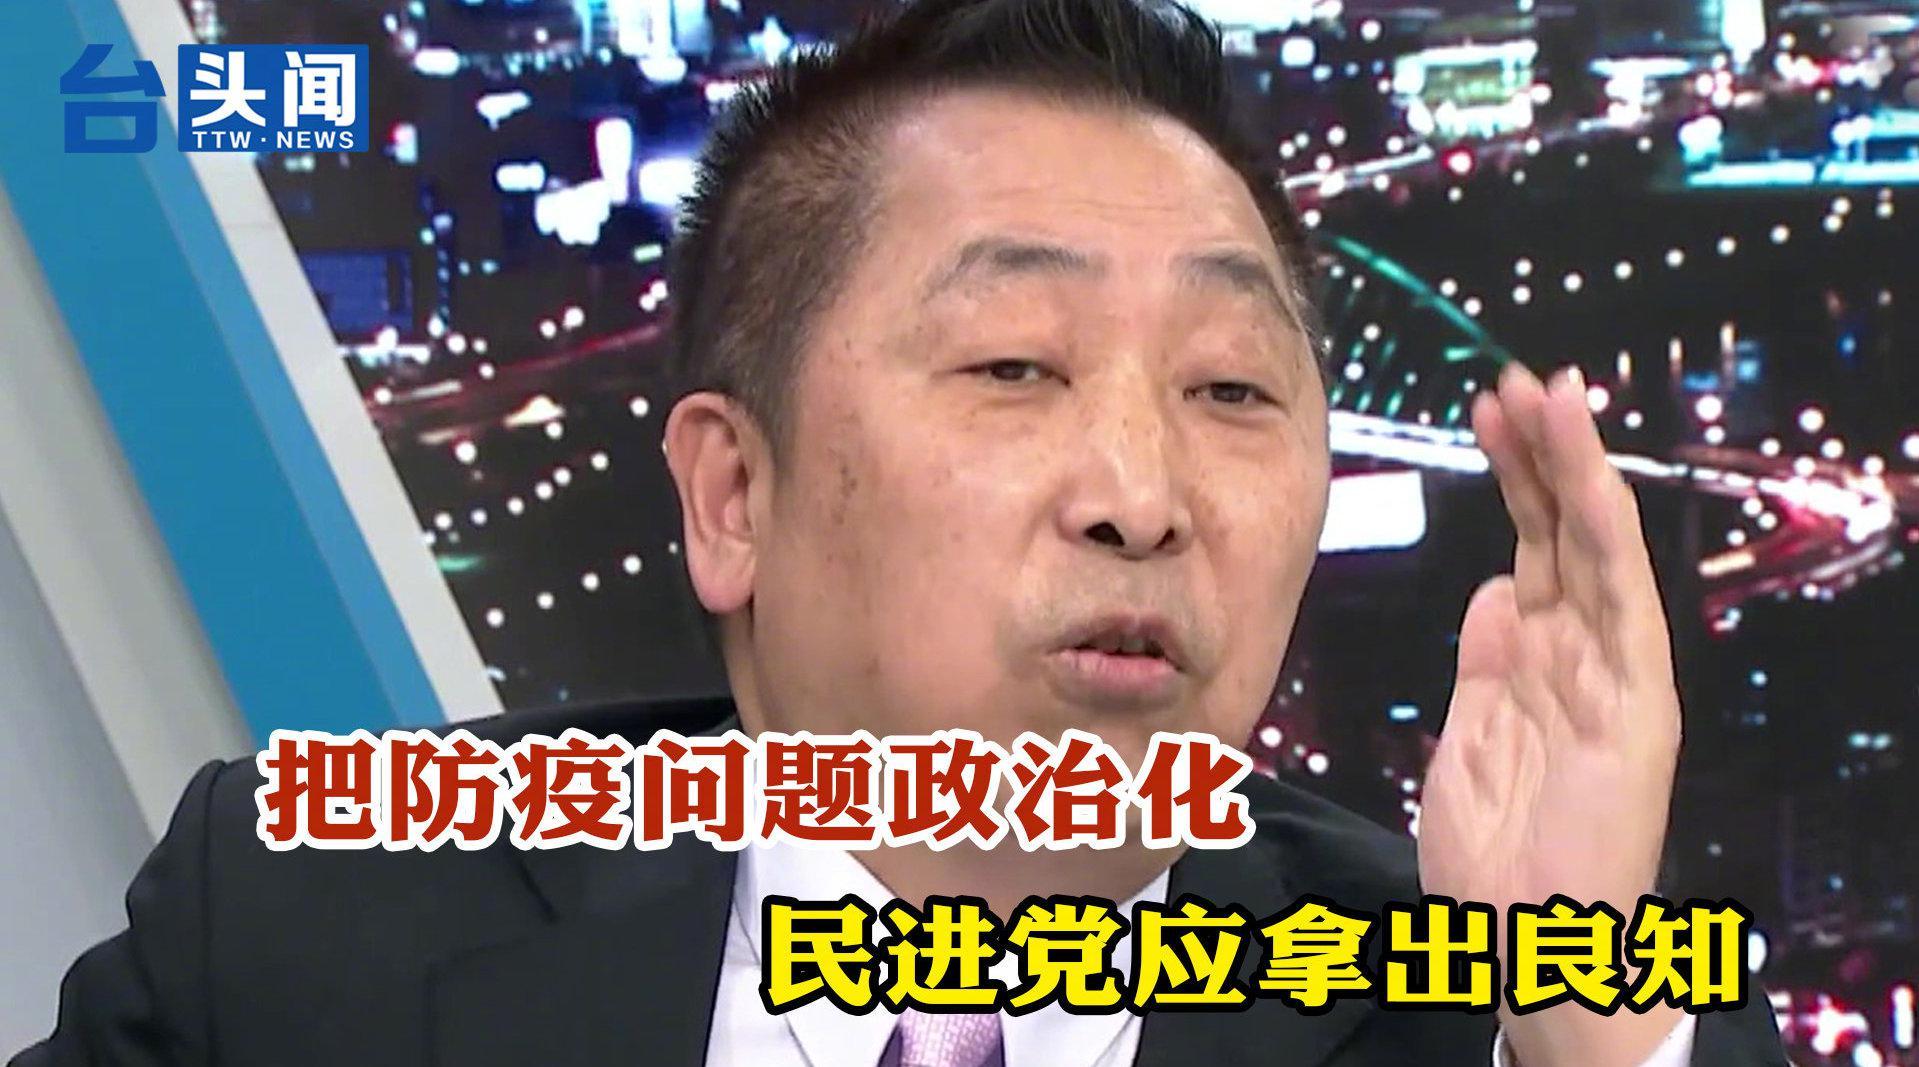 唐湘龙:把防疫问题政治化,民进党应拿出良知